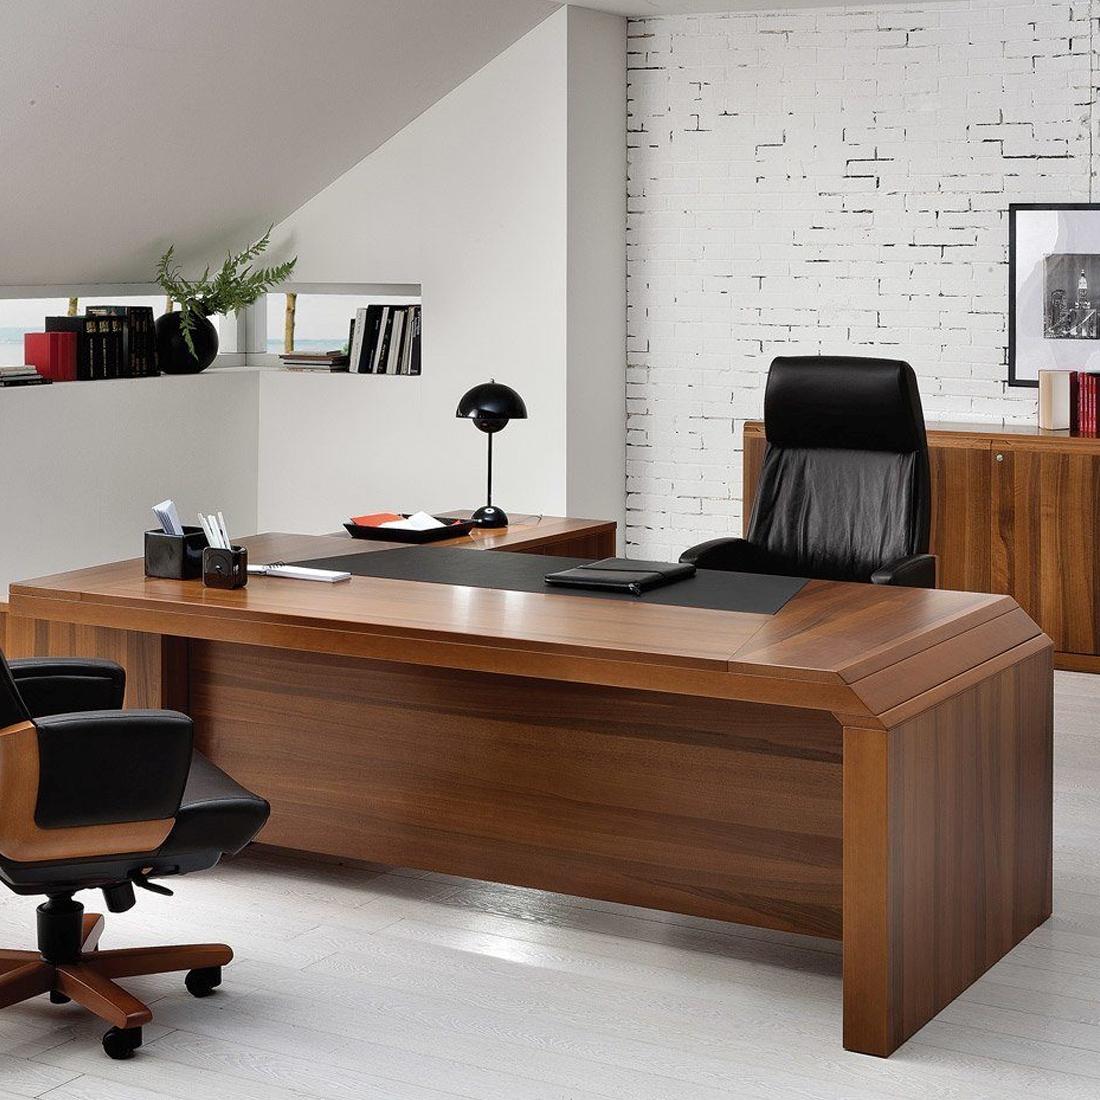 Мебель в кабинет руководителя: важные аспекты выбора